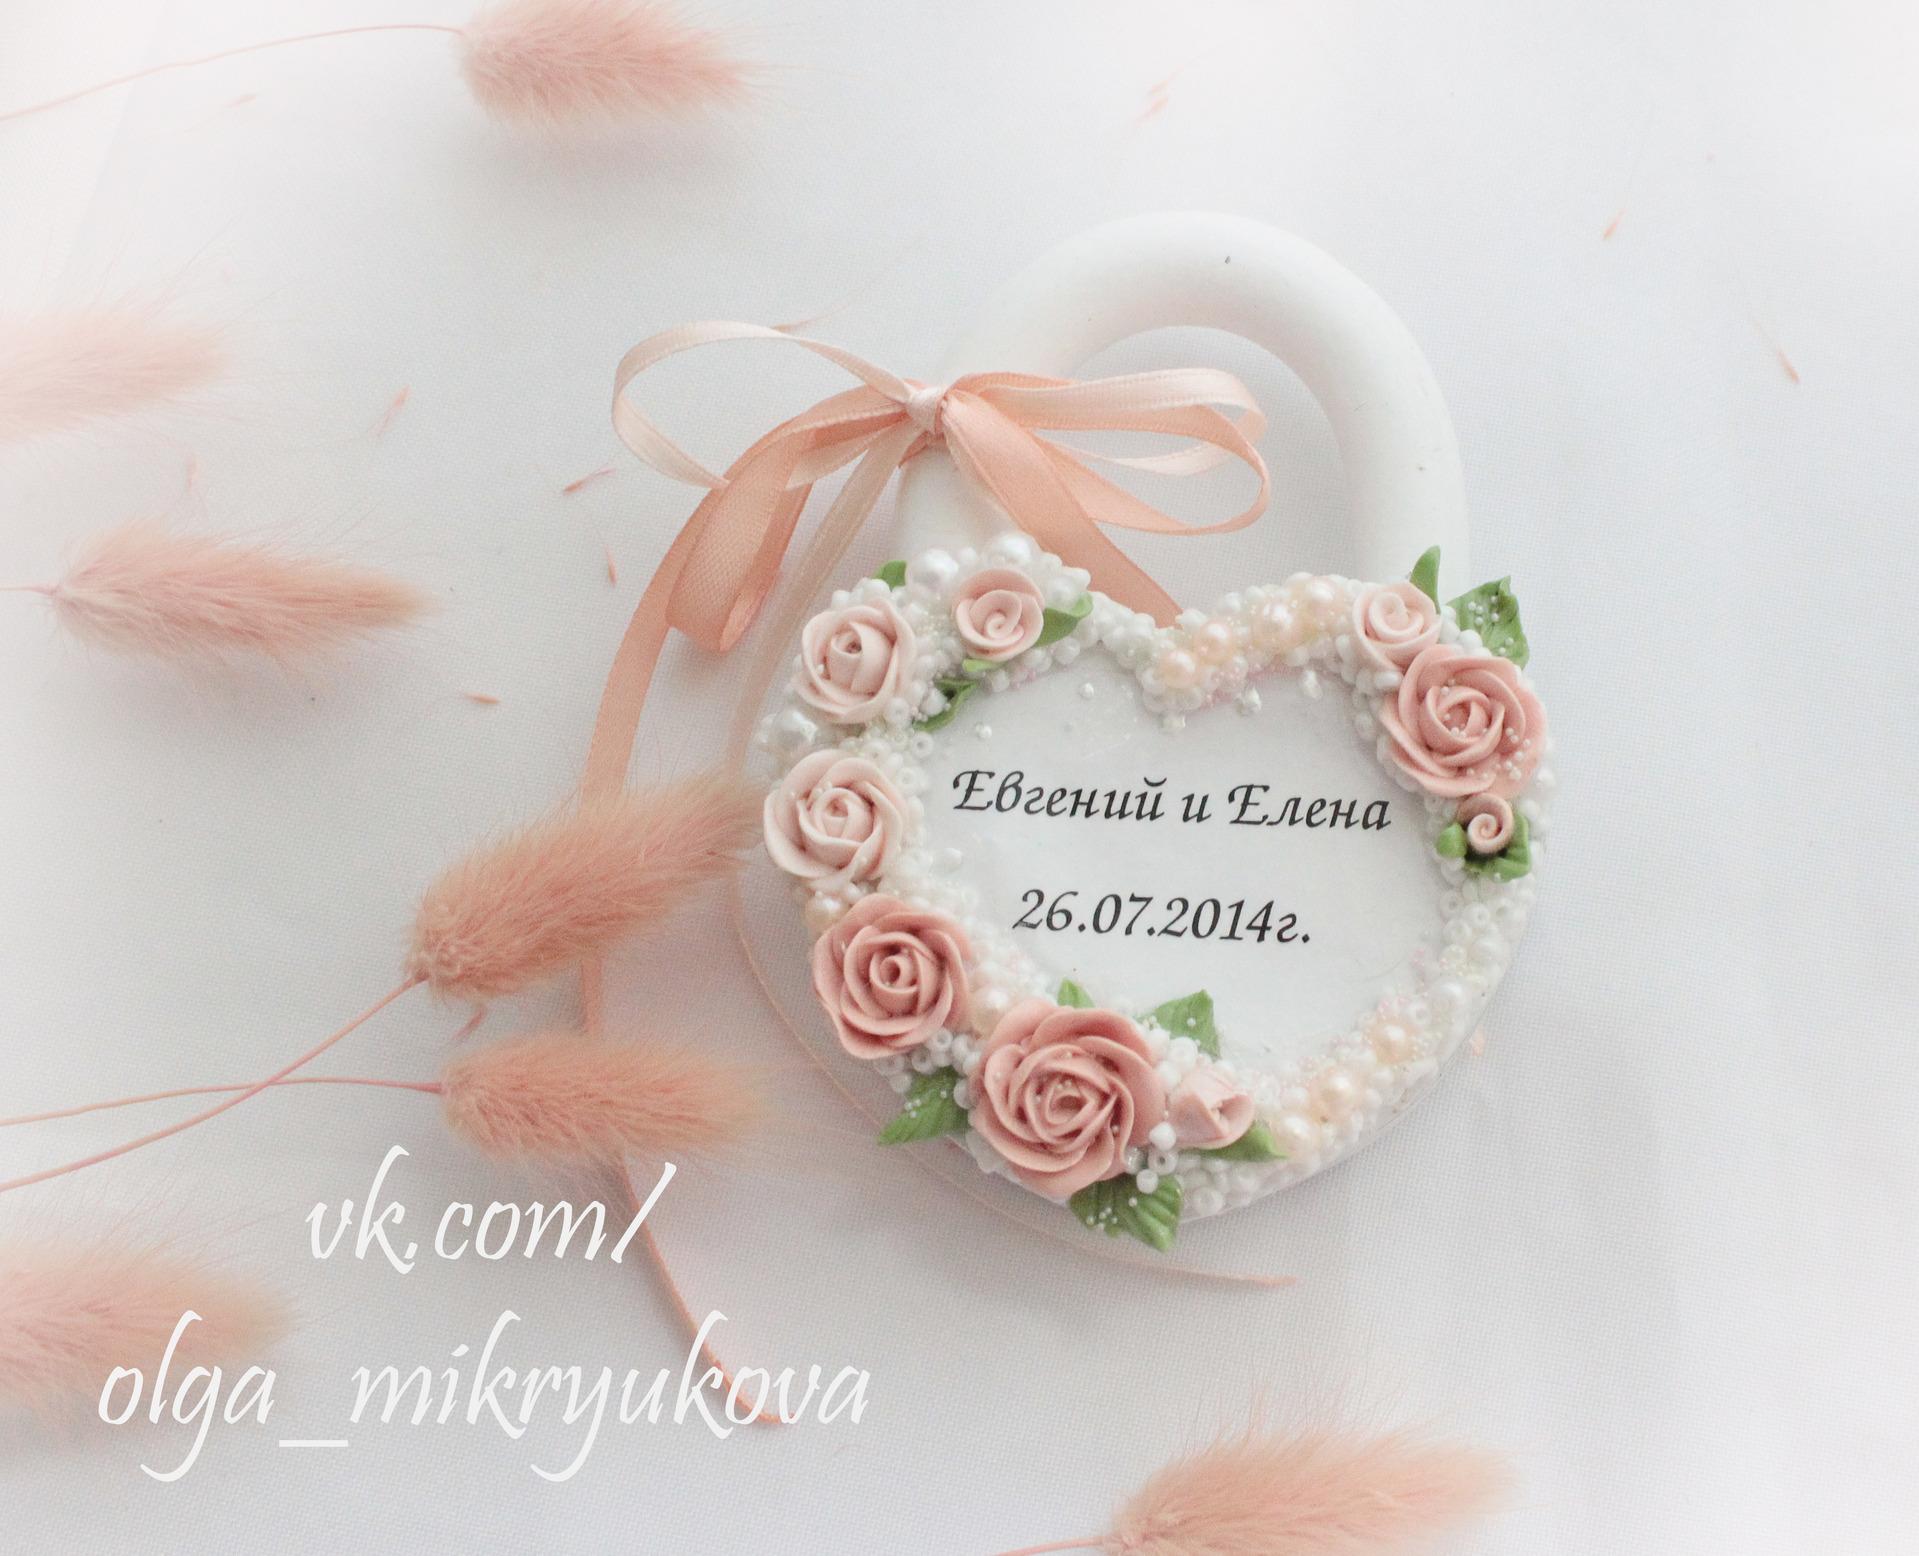 Замочек на свадьбу с гравировкой